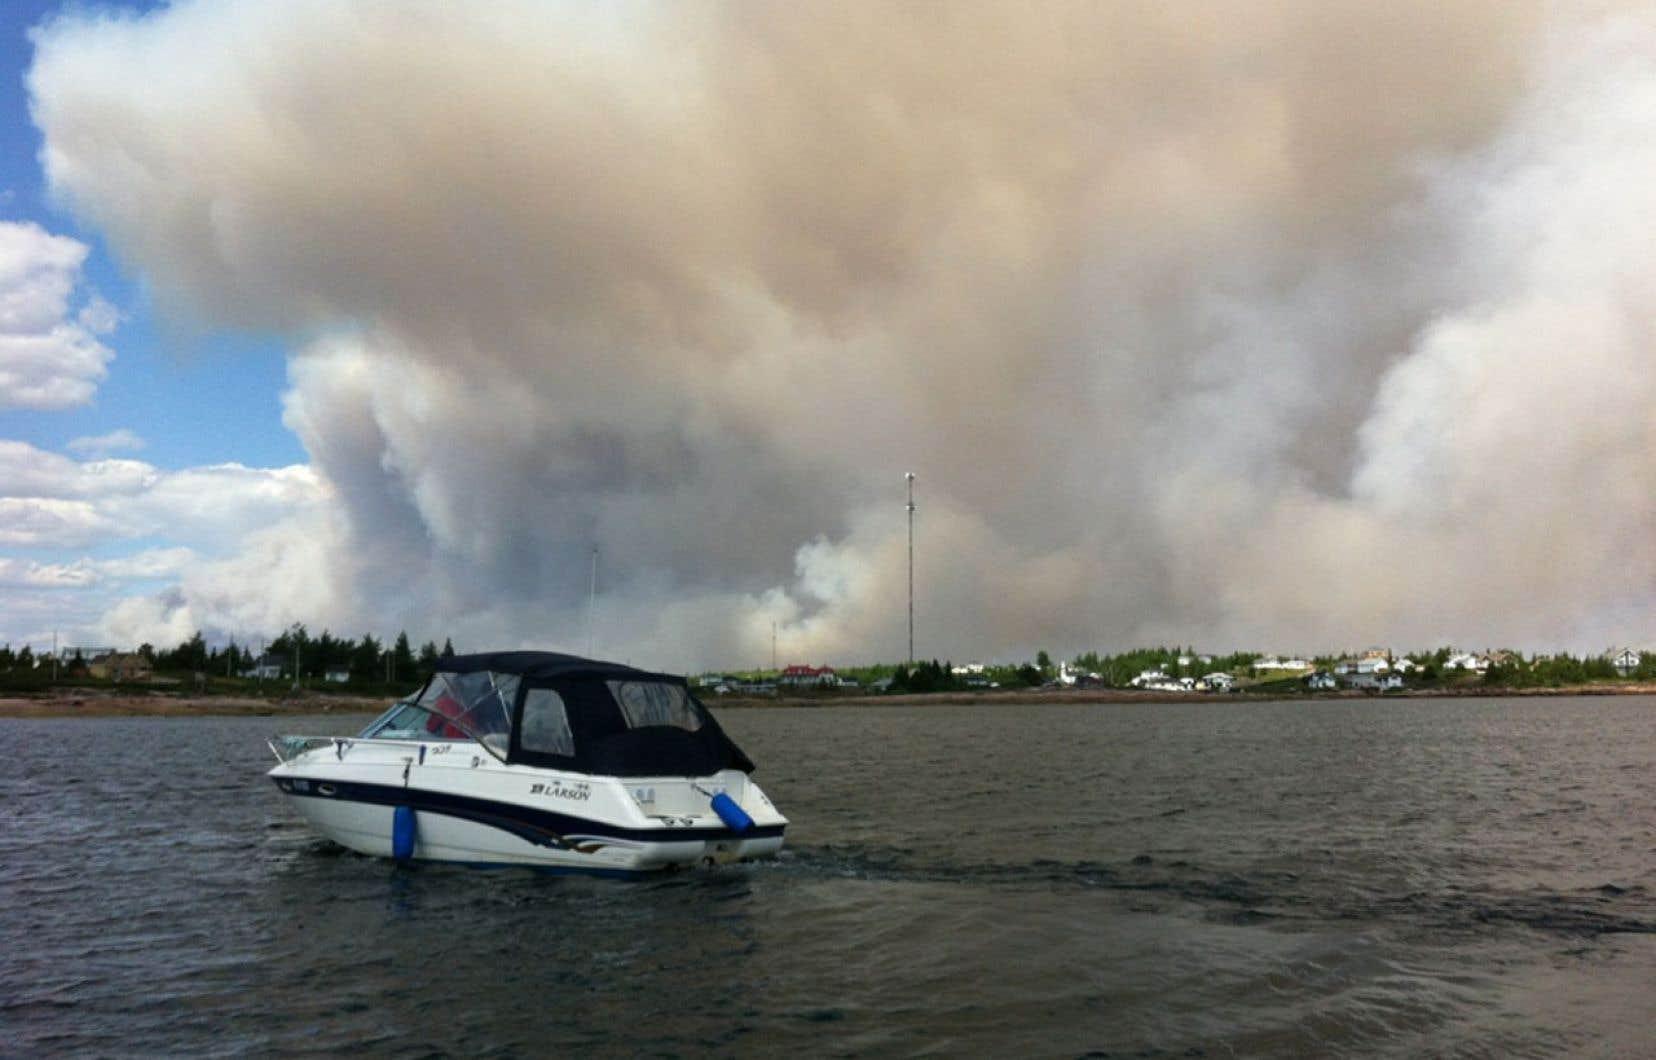 Un incendie de forêt large de 25 kilomètres a forcé l'évacuation des citoyens de Baie-Johan-Beetz, sur la Côte-Nord.